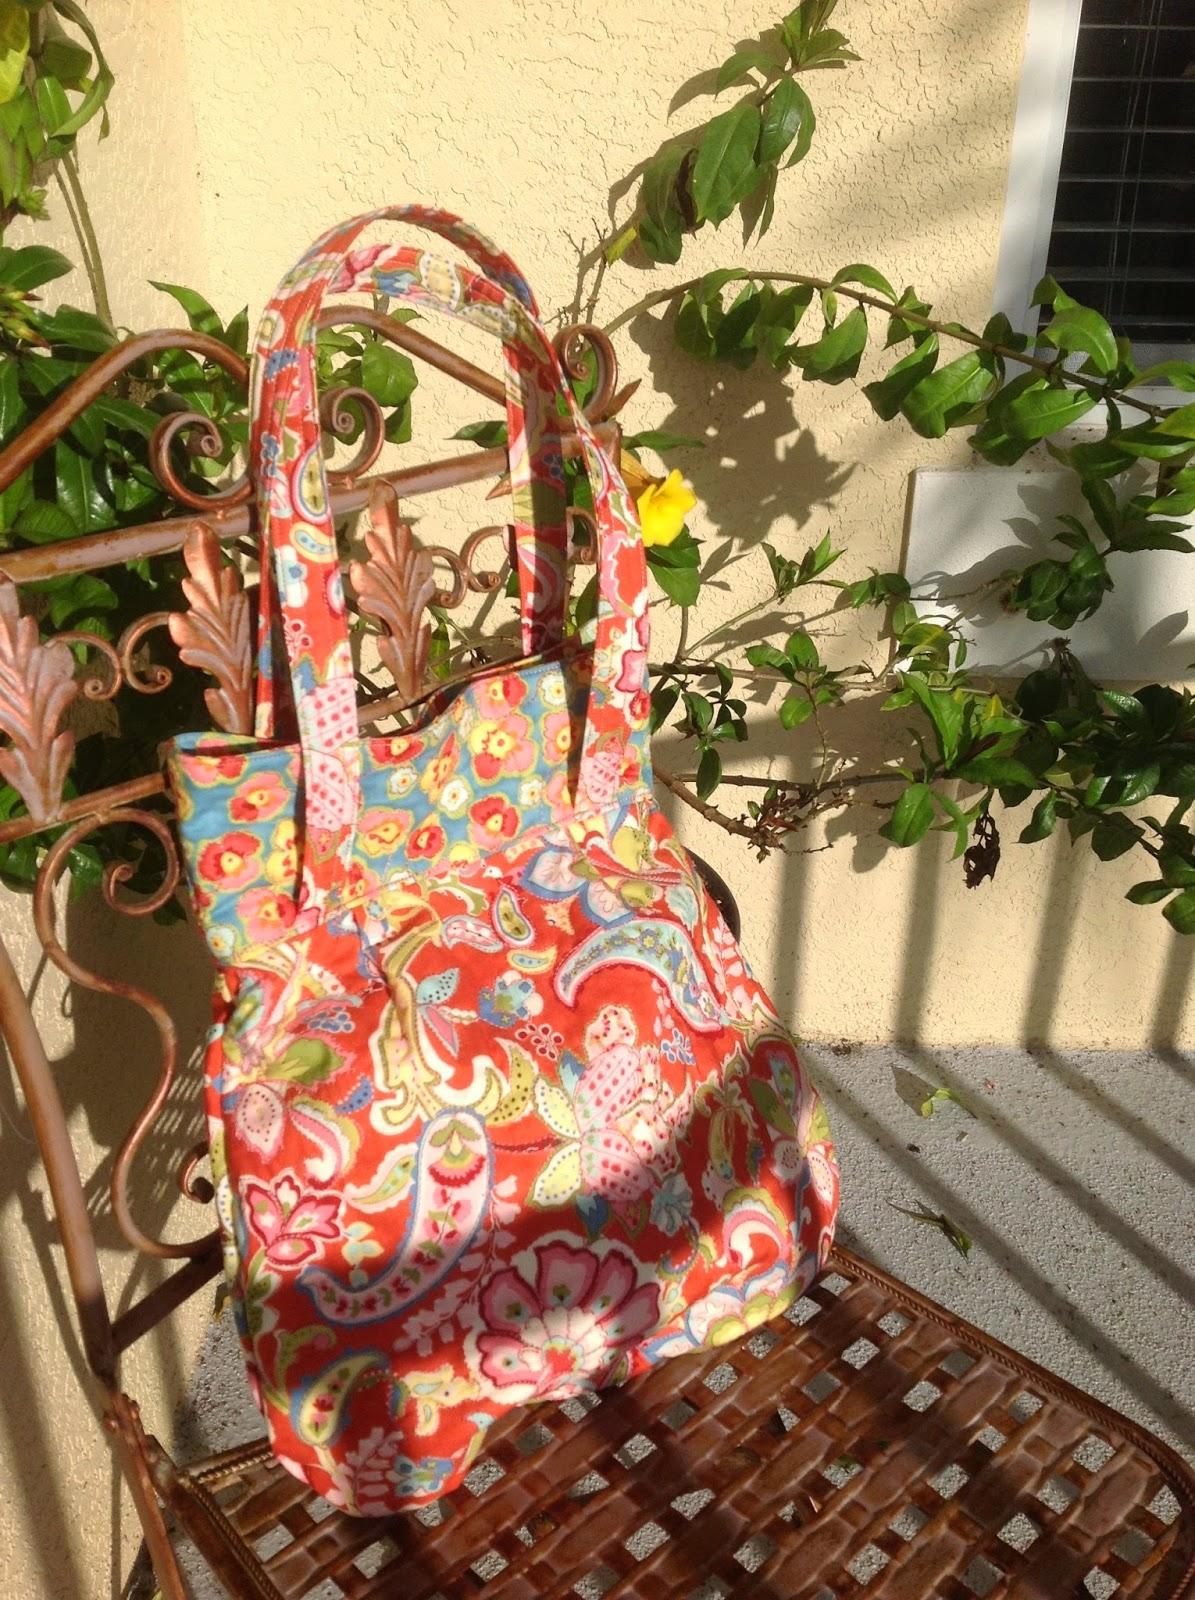 http://musingsofamenopausalmelon.blogspot.com/2014/02/amy-butler-frenchy-bag.html